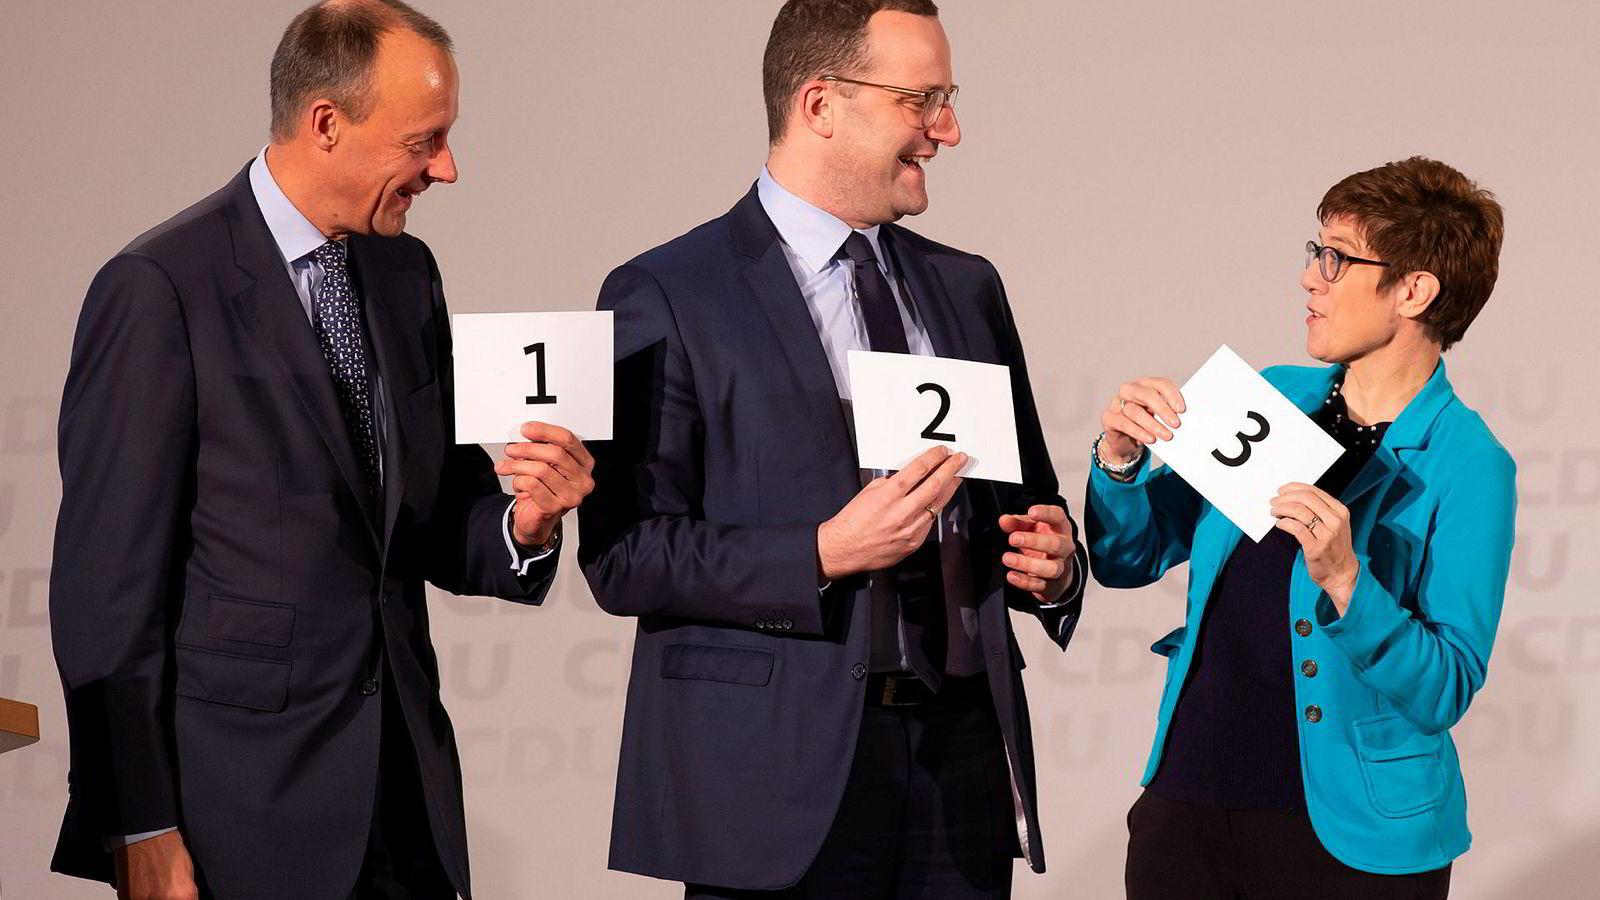 Friedrich Merz (til venstre), Jens Spahn (i midten) og Annegret Kramp-Karrenbauer (til høyre) kjemper om å overta som partileder i kristenkonservative CDU etter sittende partileder og statsminister Angela Merkel.